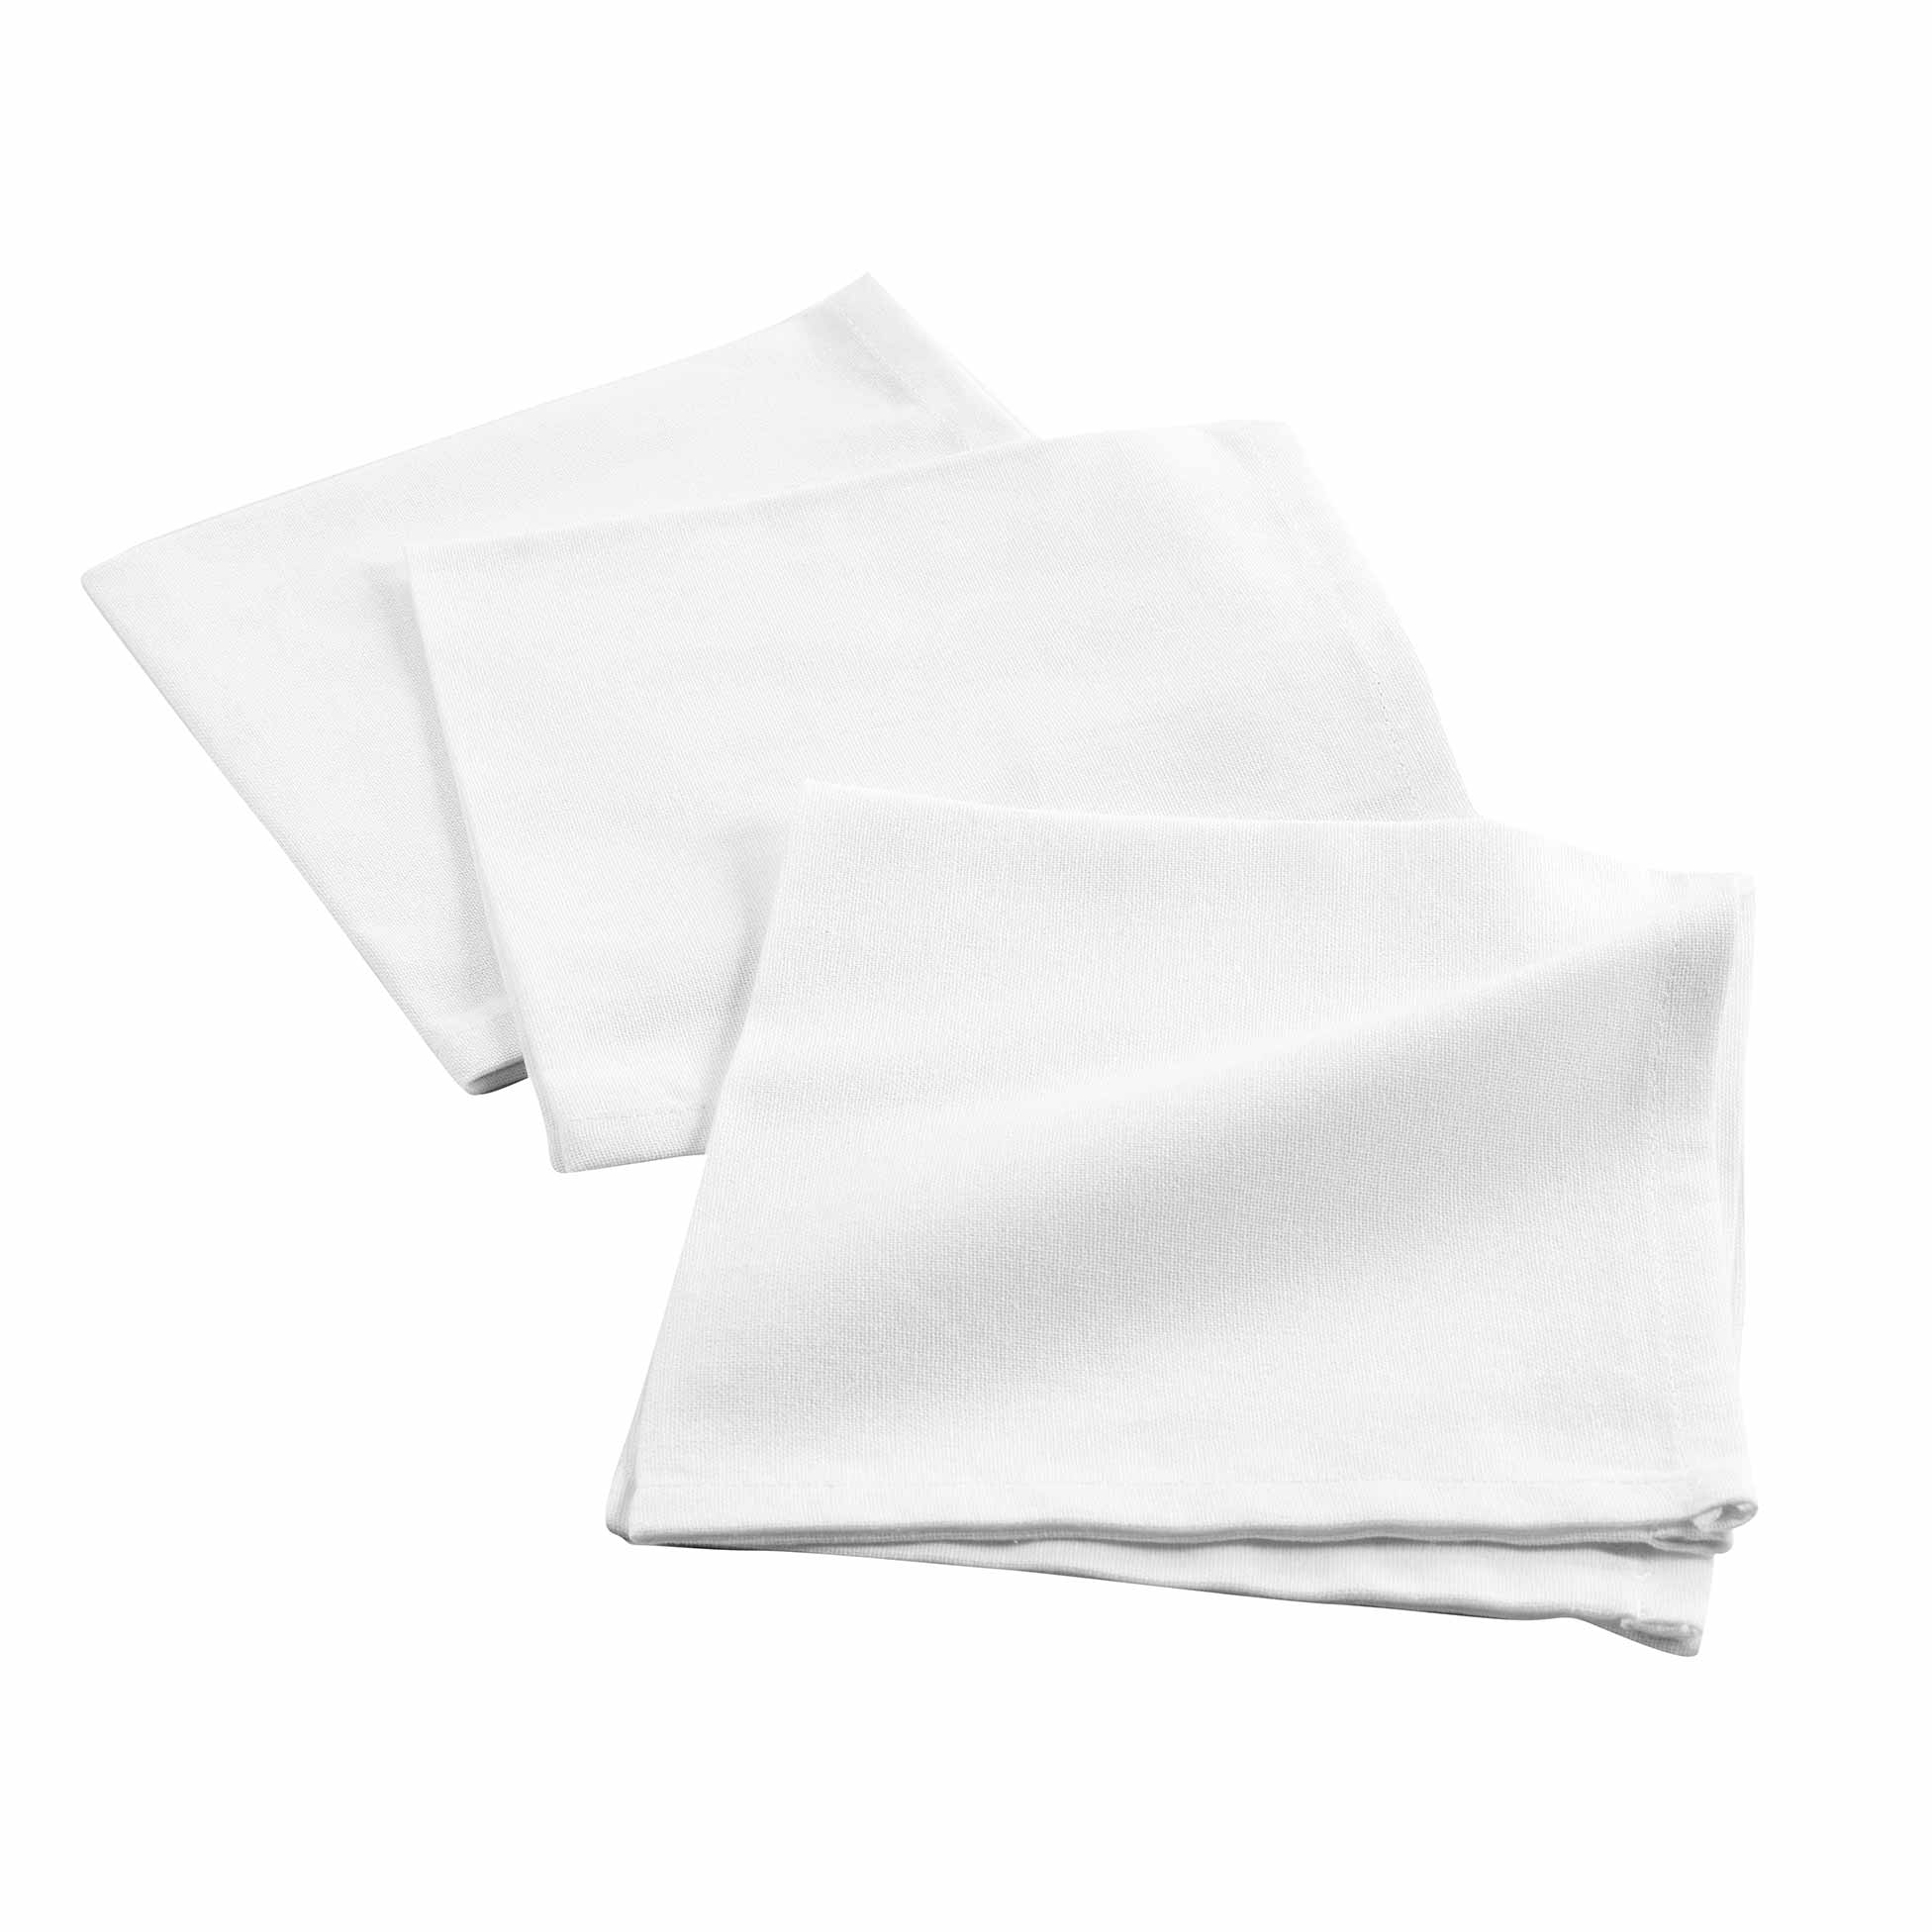 3 serviettes de tables unies coton blanc 40x40